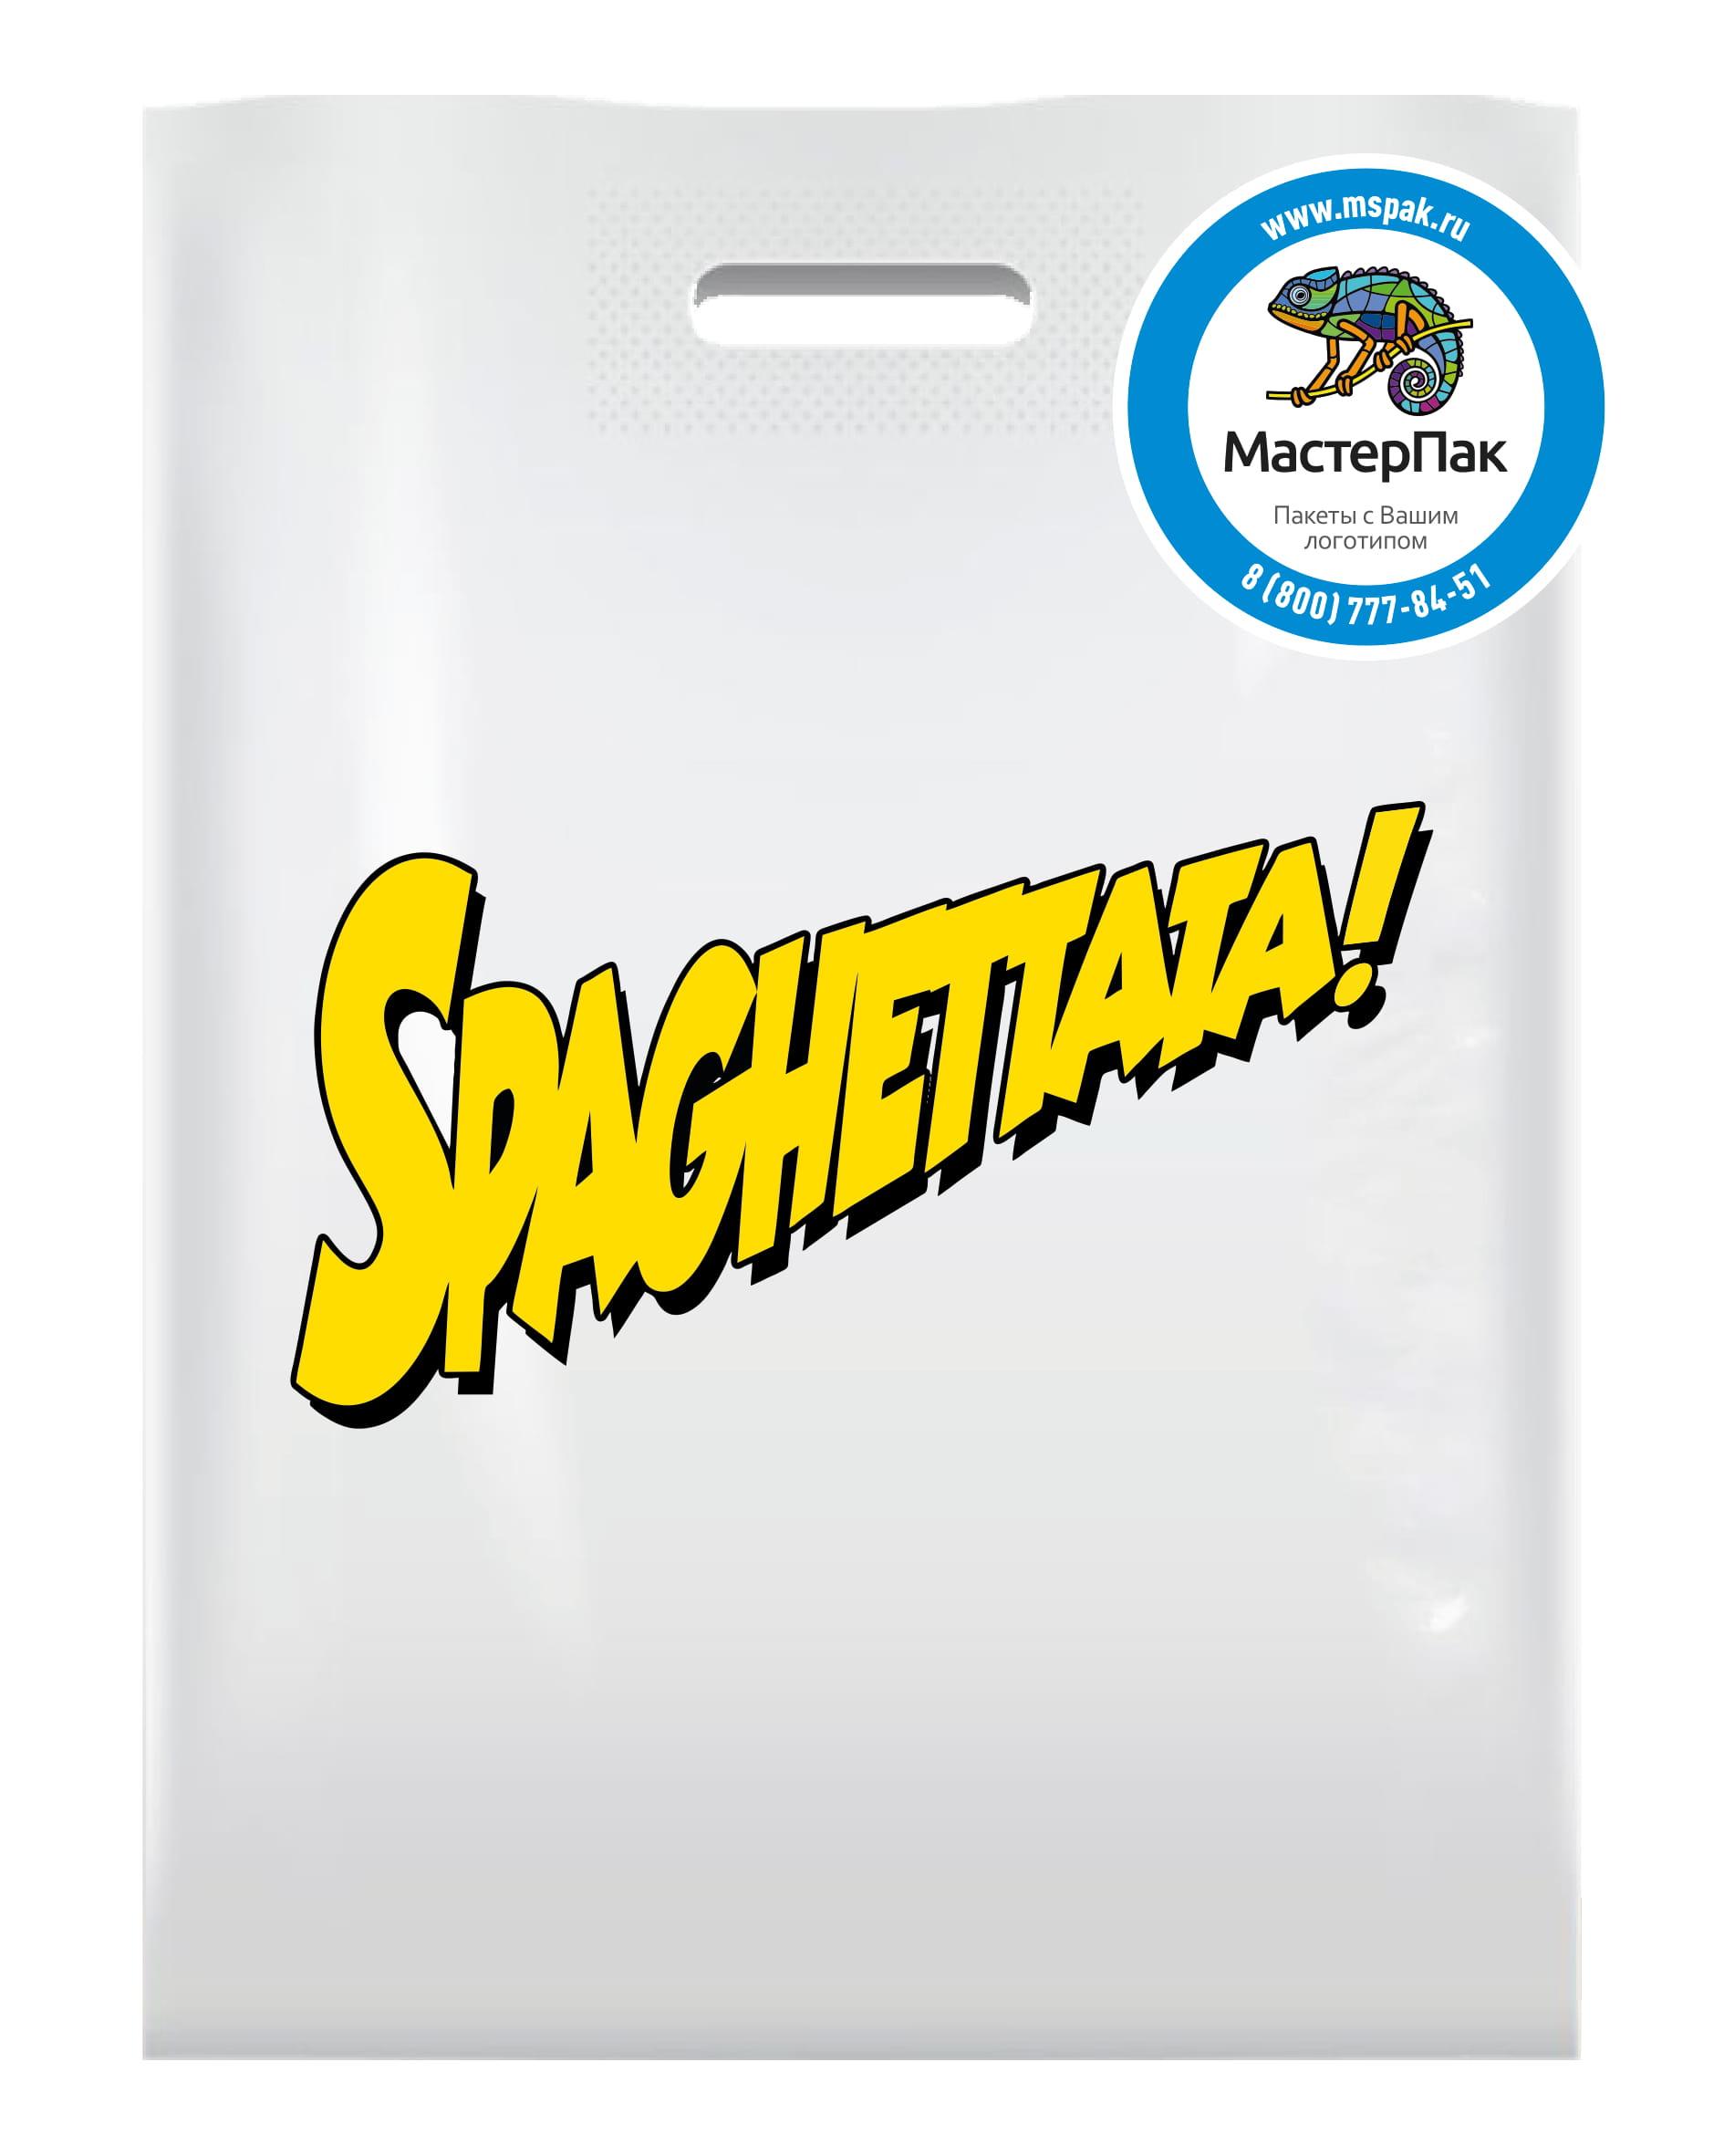 Пакет ПВД с вырубной ручкой и логотипом Spaghettata, Спб